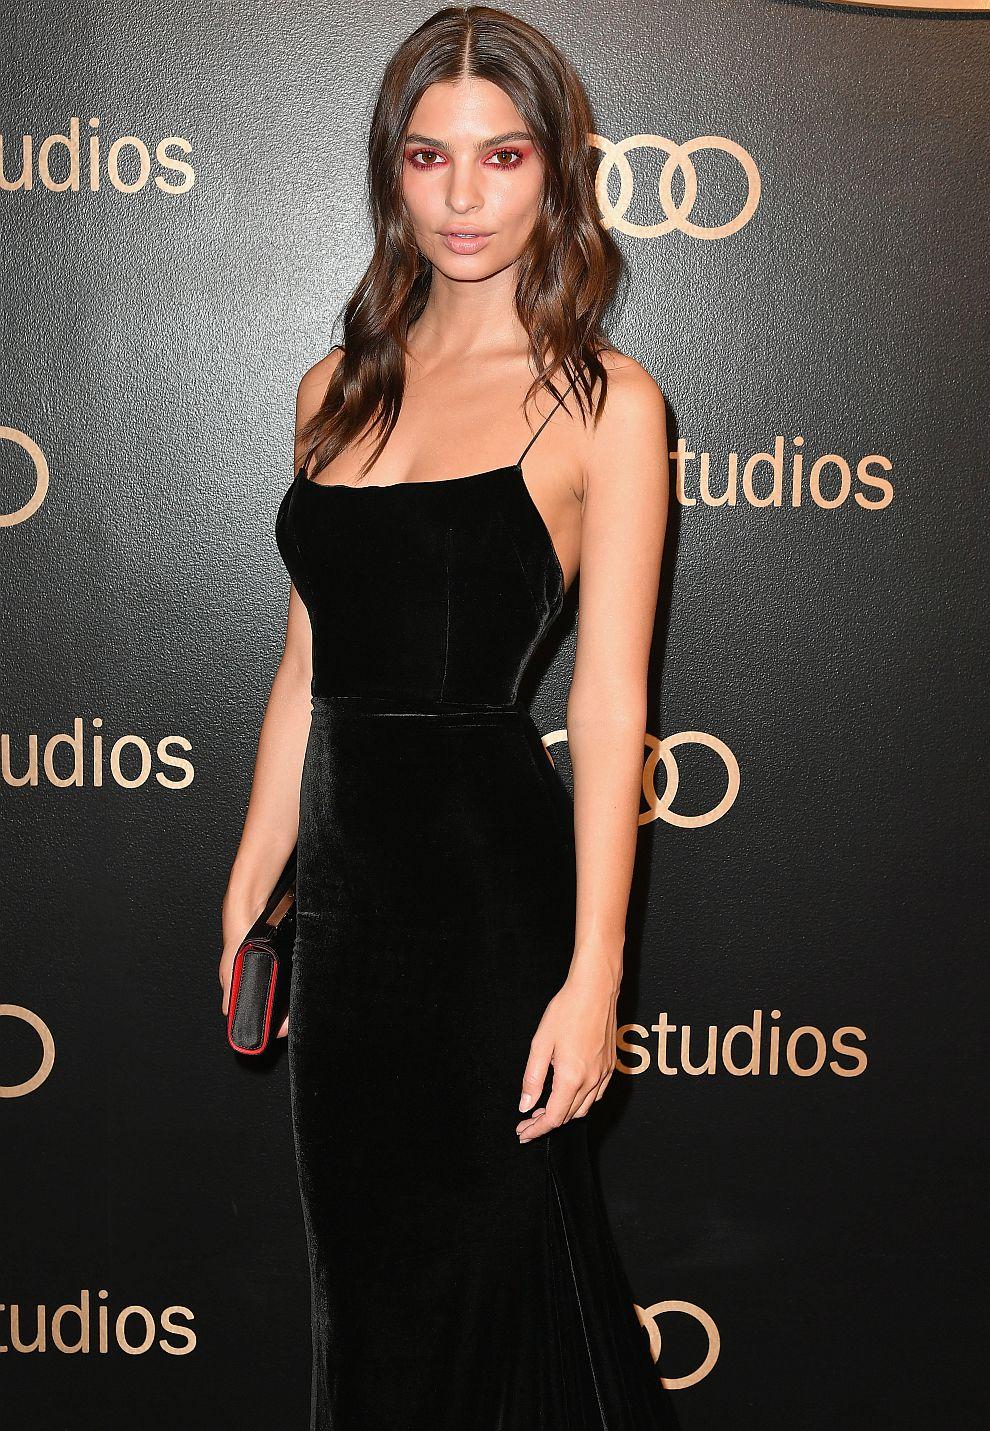 """2. <a href=""""https://www.instagram.com/emrata/"""">Емили Ратайковски</a> - трудно е да видиш Емили облечена особено на снимките в Инстаграм, където тя най-вече позира с бански от собствената си модна линия. Но звездата е следвана от над 19,3 млн. души, а неин пост струва 36 хил. долара."""